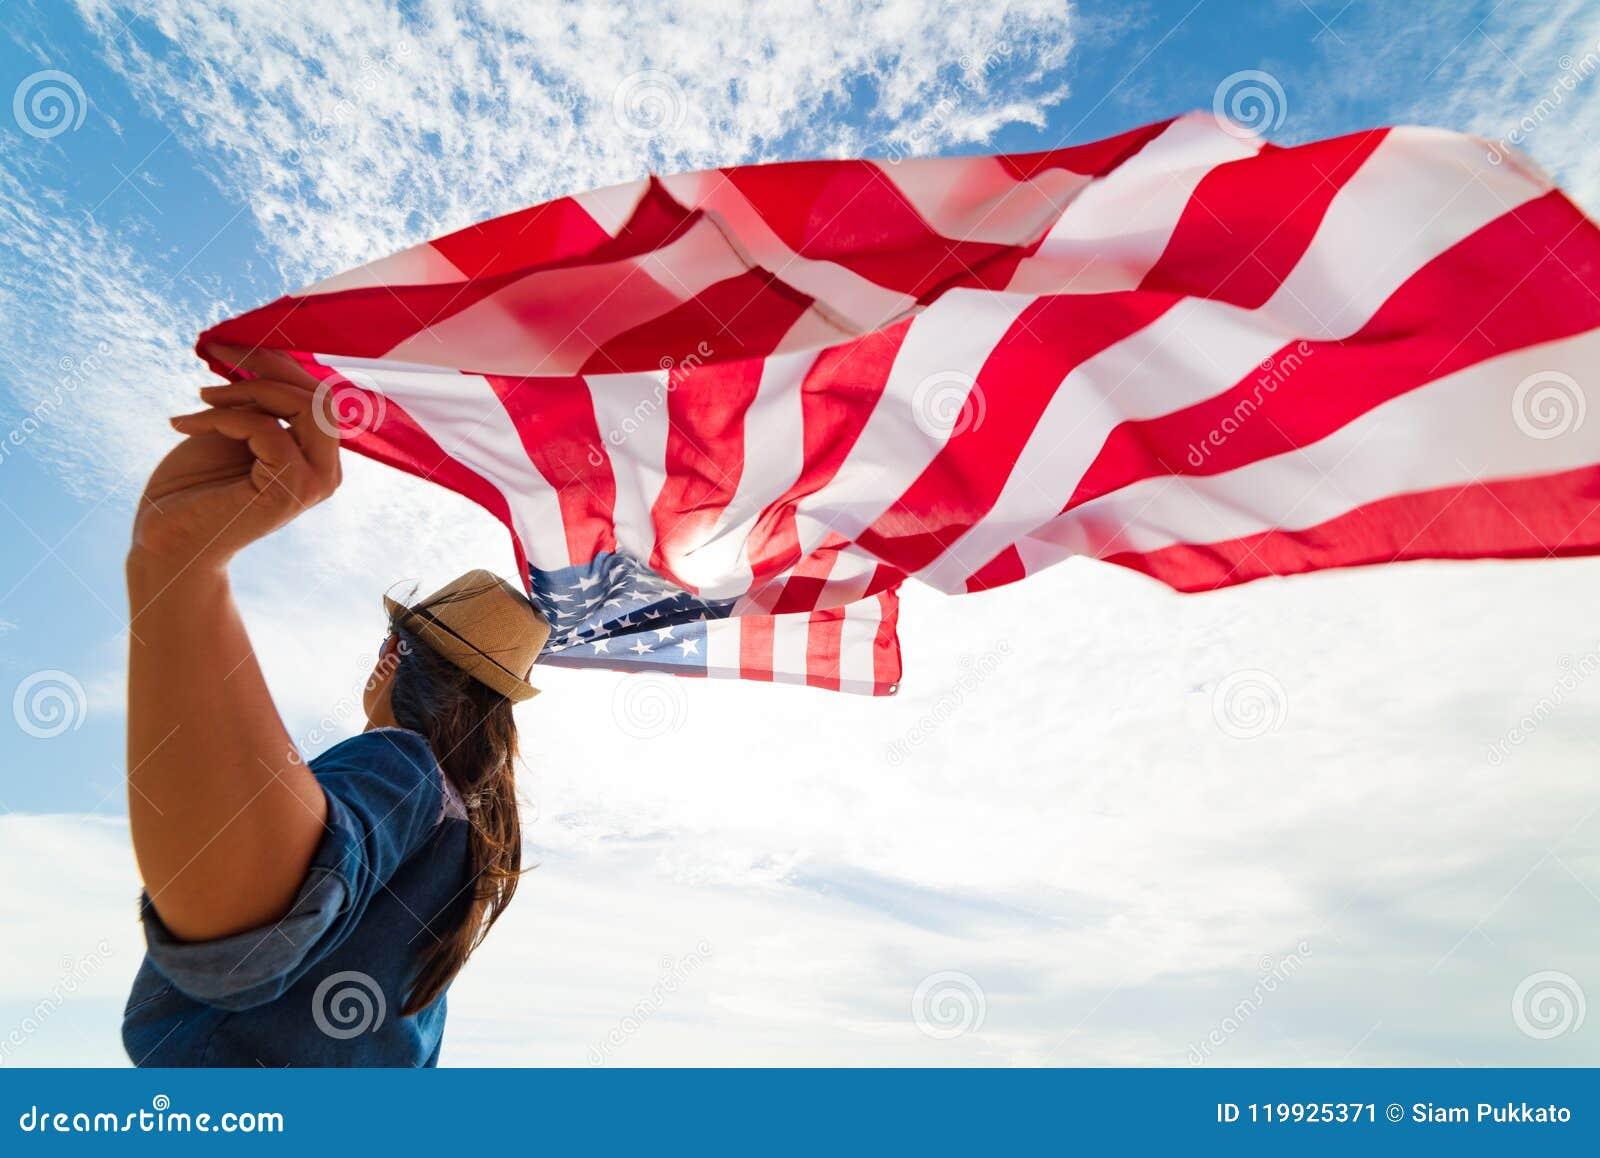 Κλείστε επάνω τη νέα ευτυχή σημαία των Ηνωμένων Πολιτειών της Αμερικής εκμετάλλευσης γυναικών